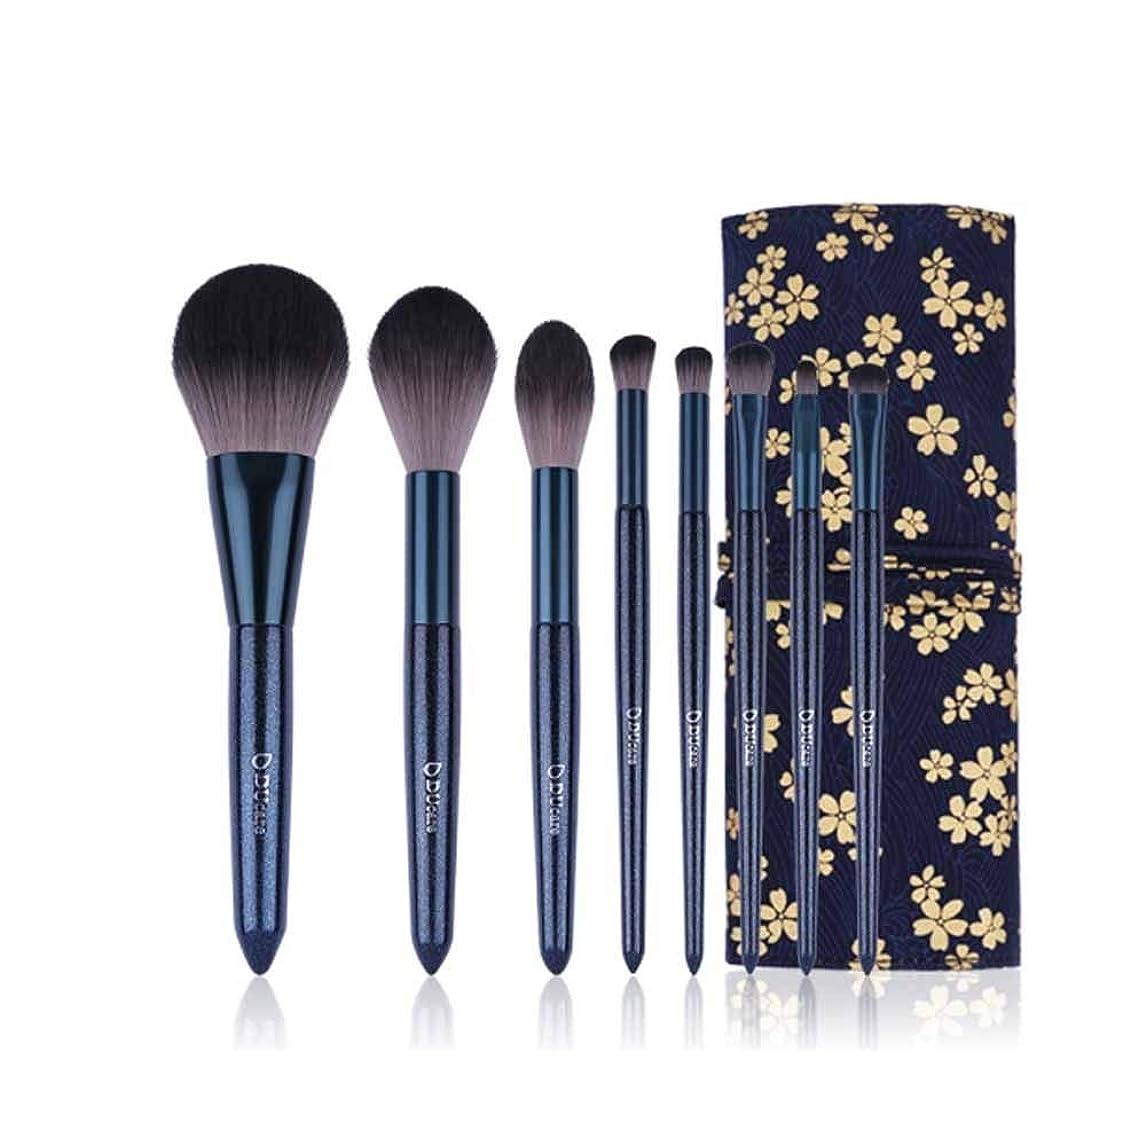 ラブ悪の販売計画Hongyuantongxun001 化粧ブラシ、8化粧ブラシセット、初心者用美容ツール、柔らかい質感、収納袋付き,手作り (Color : Blue)